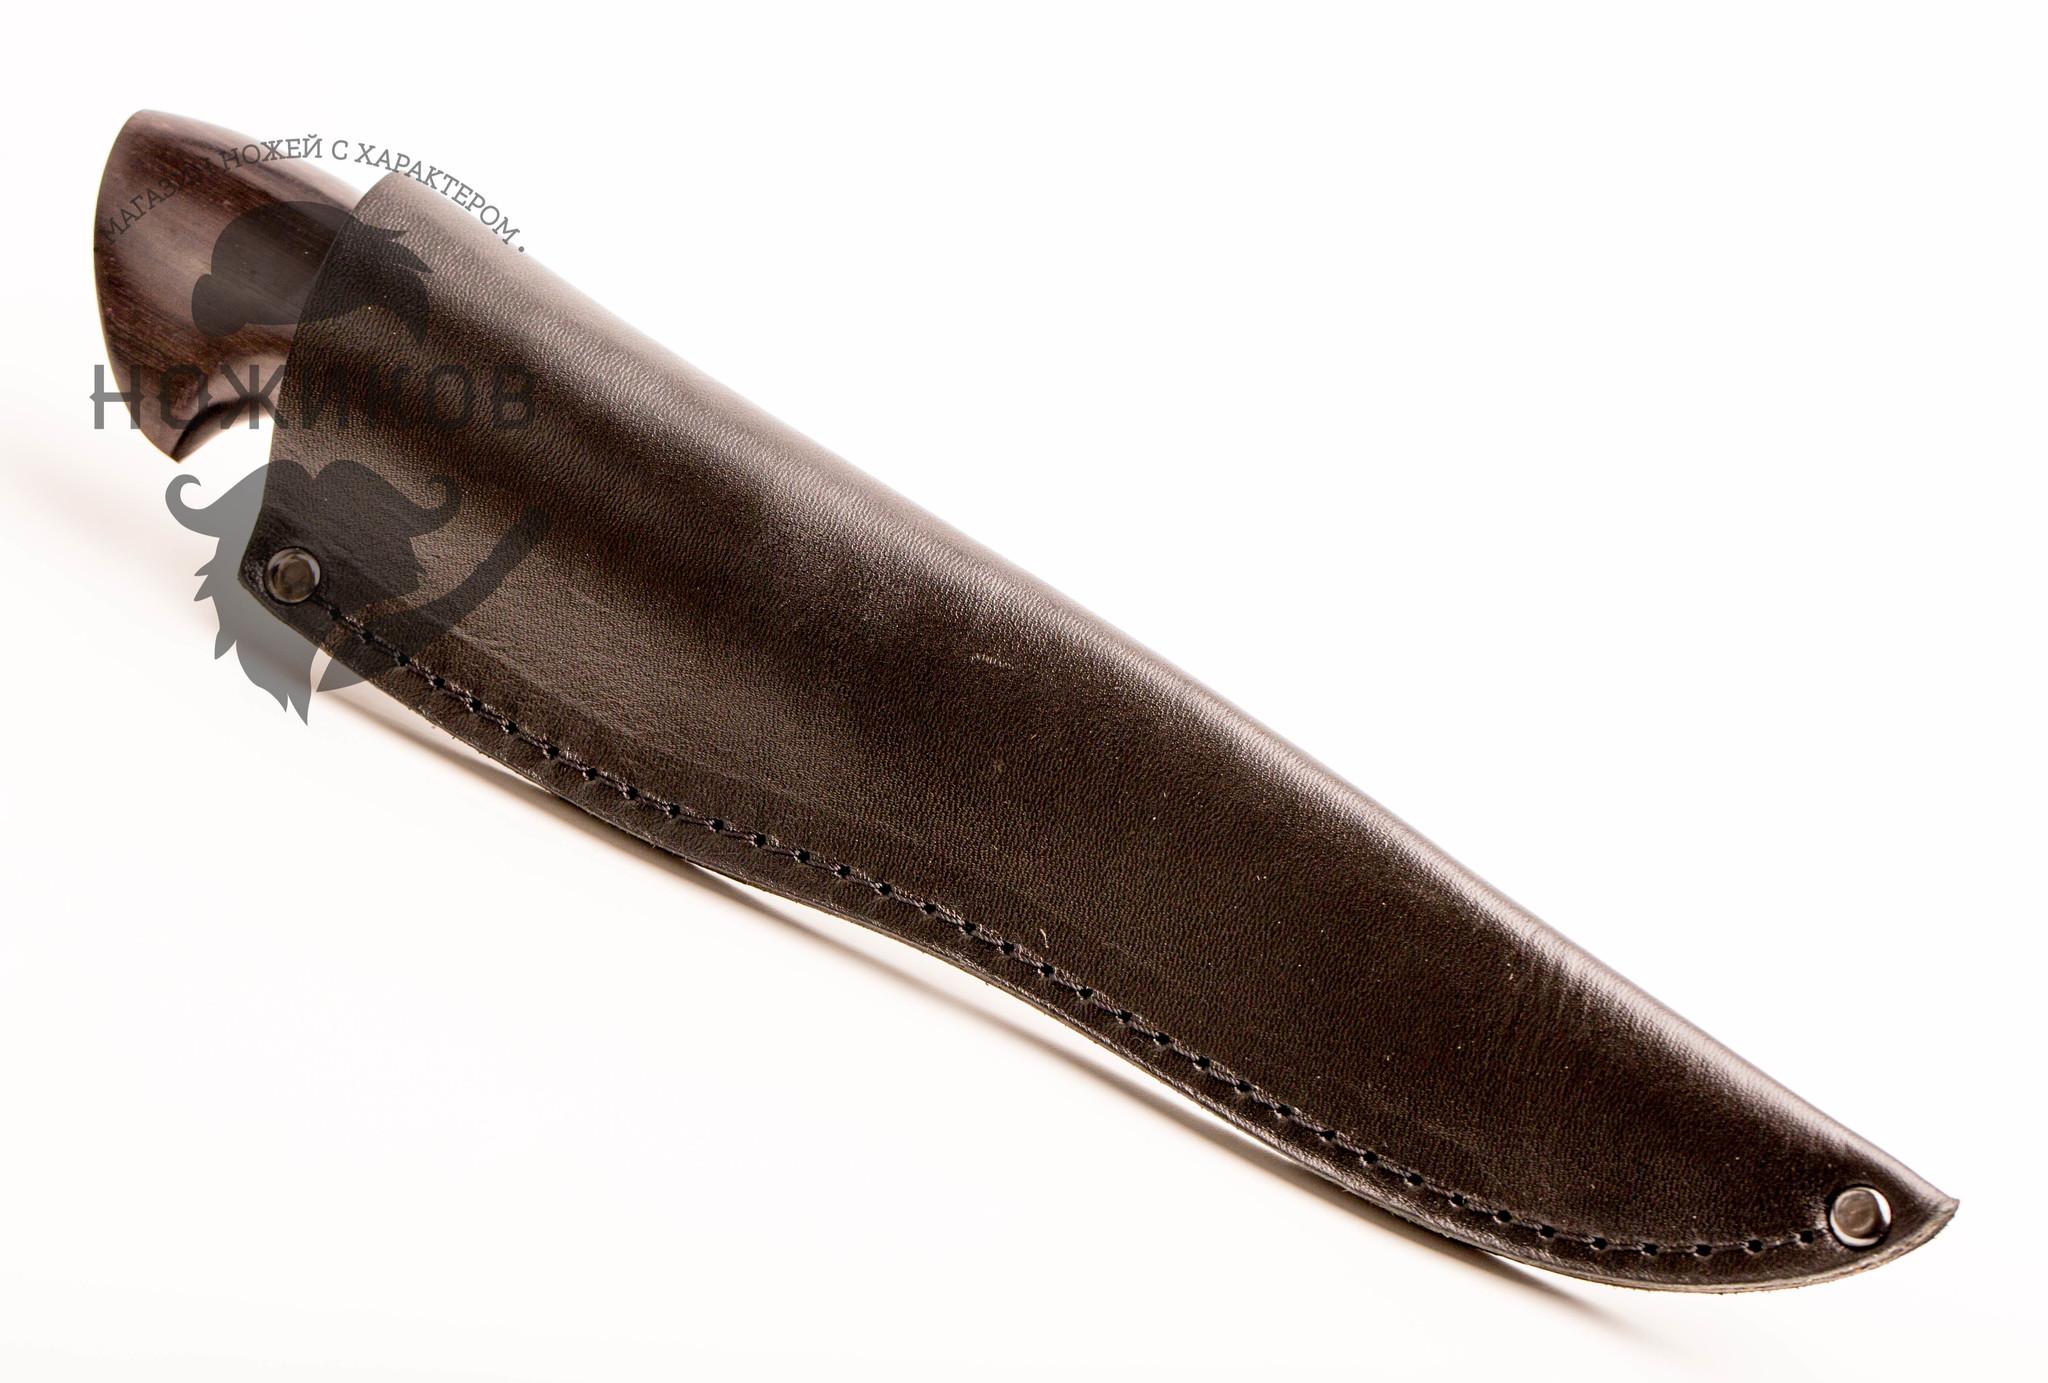 Фото 11 - Нож Якут булат, граб от Мастерская Климентьева